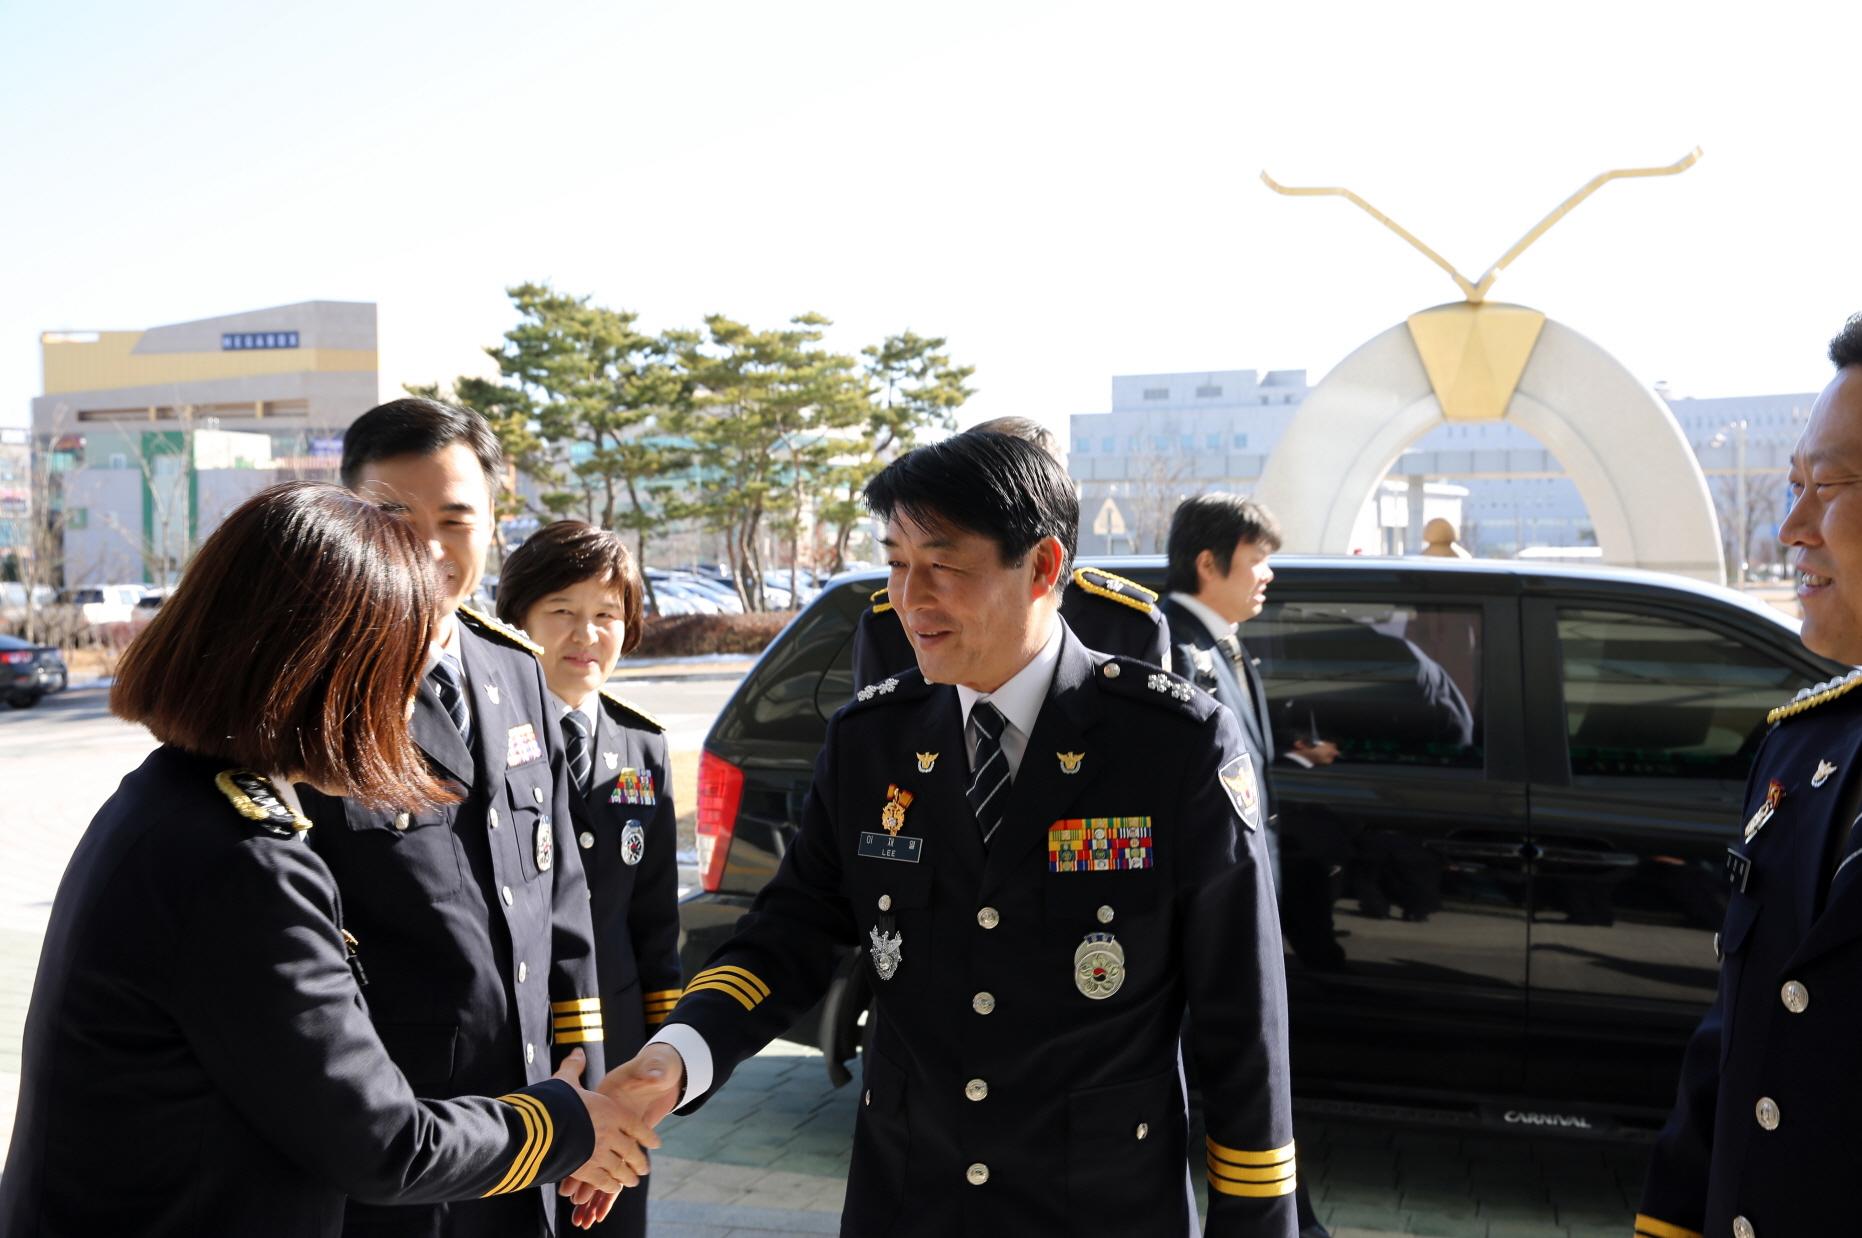 제 29대 이재열 충남경찰청장 취임식